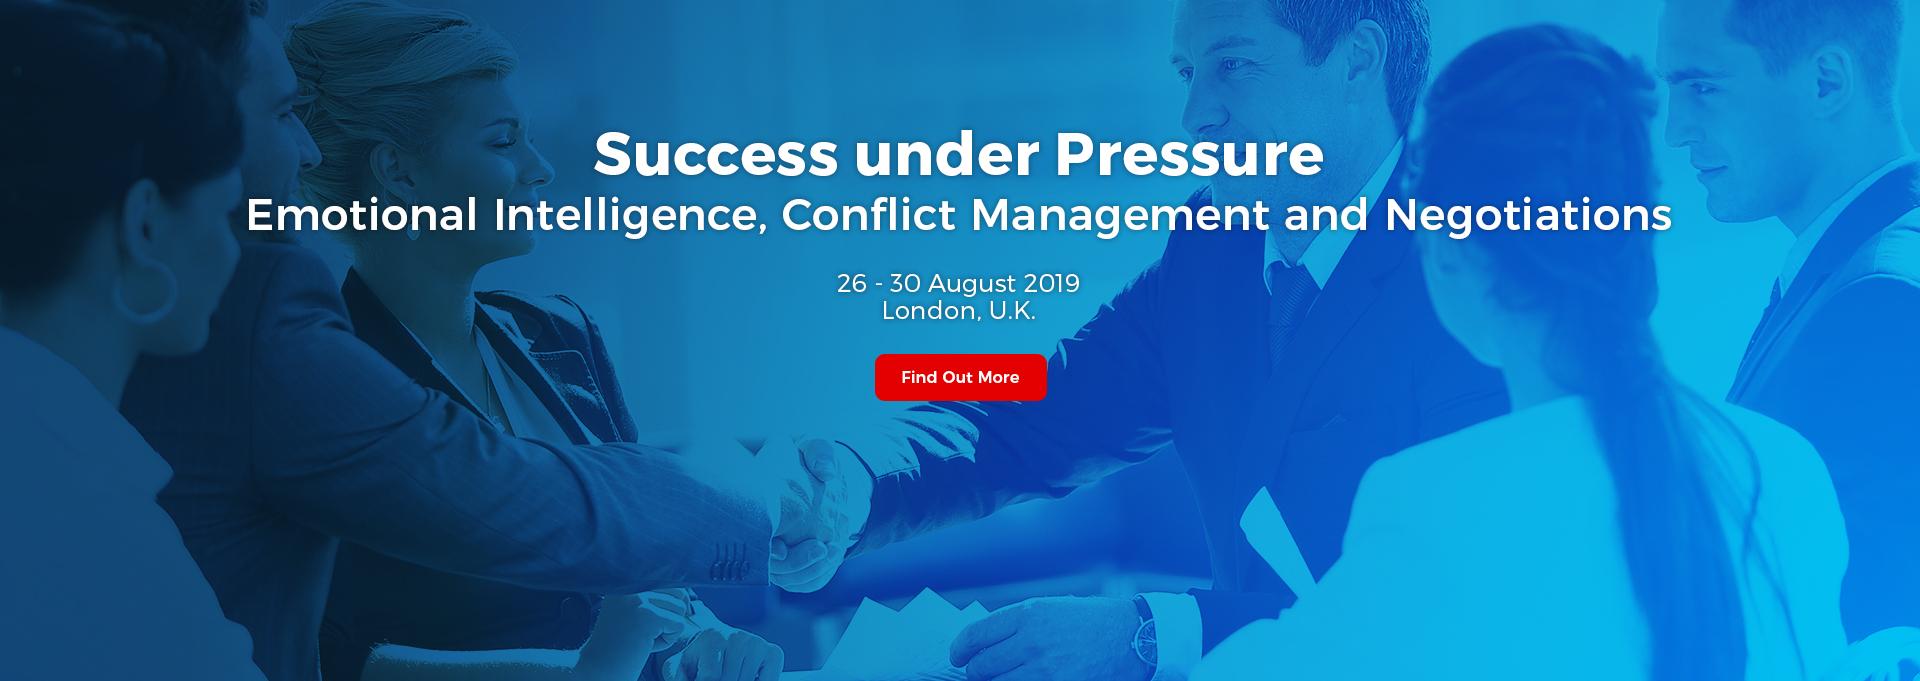 Success under Pressure